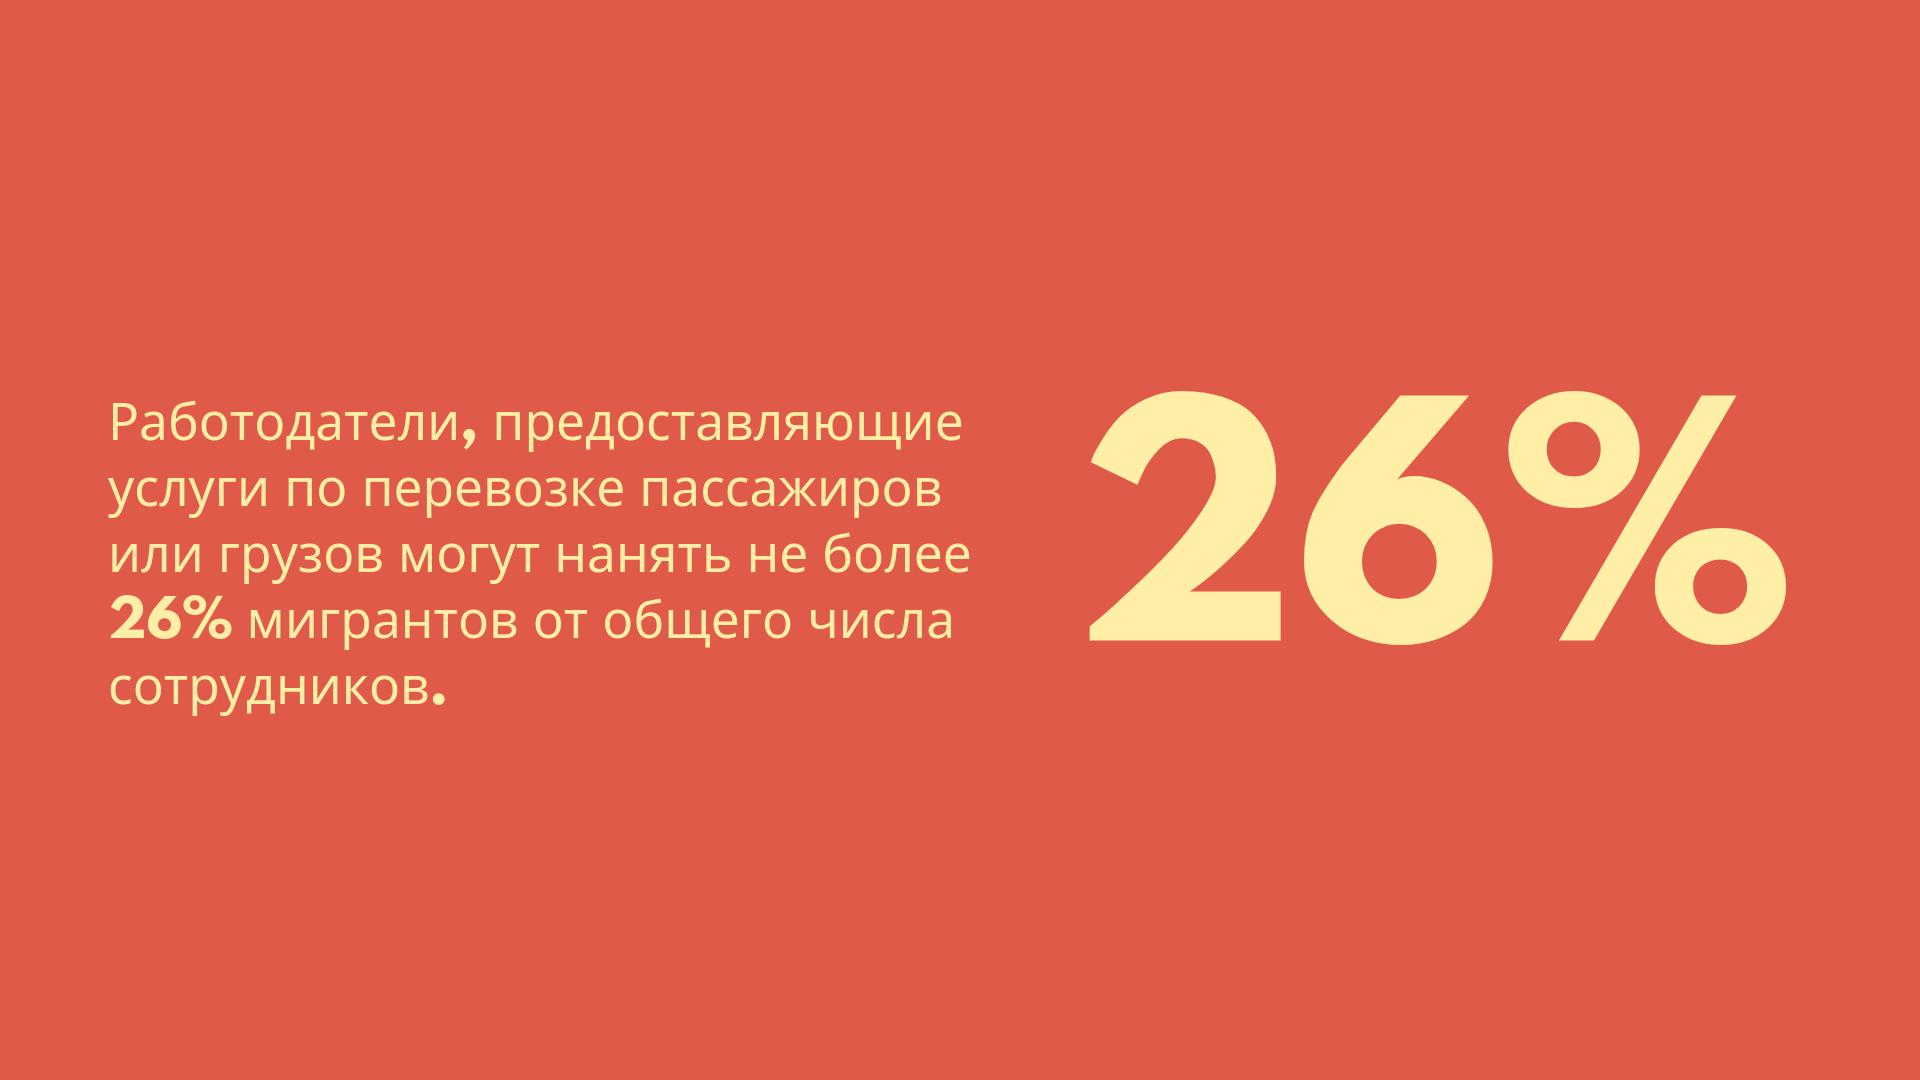 Правительство России установило квоты на прием мигрантов на работу.